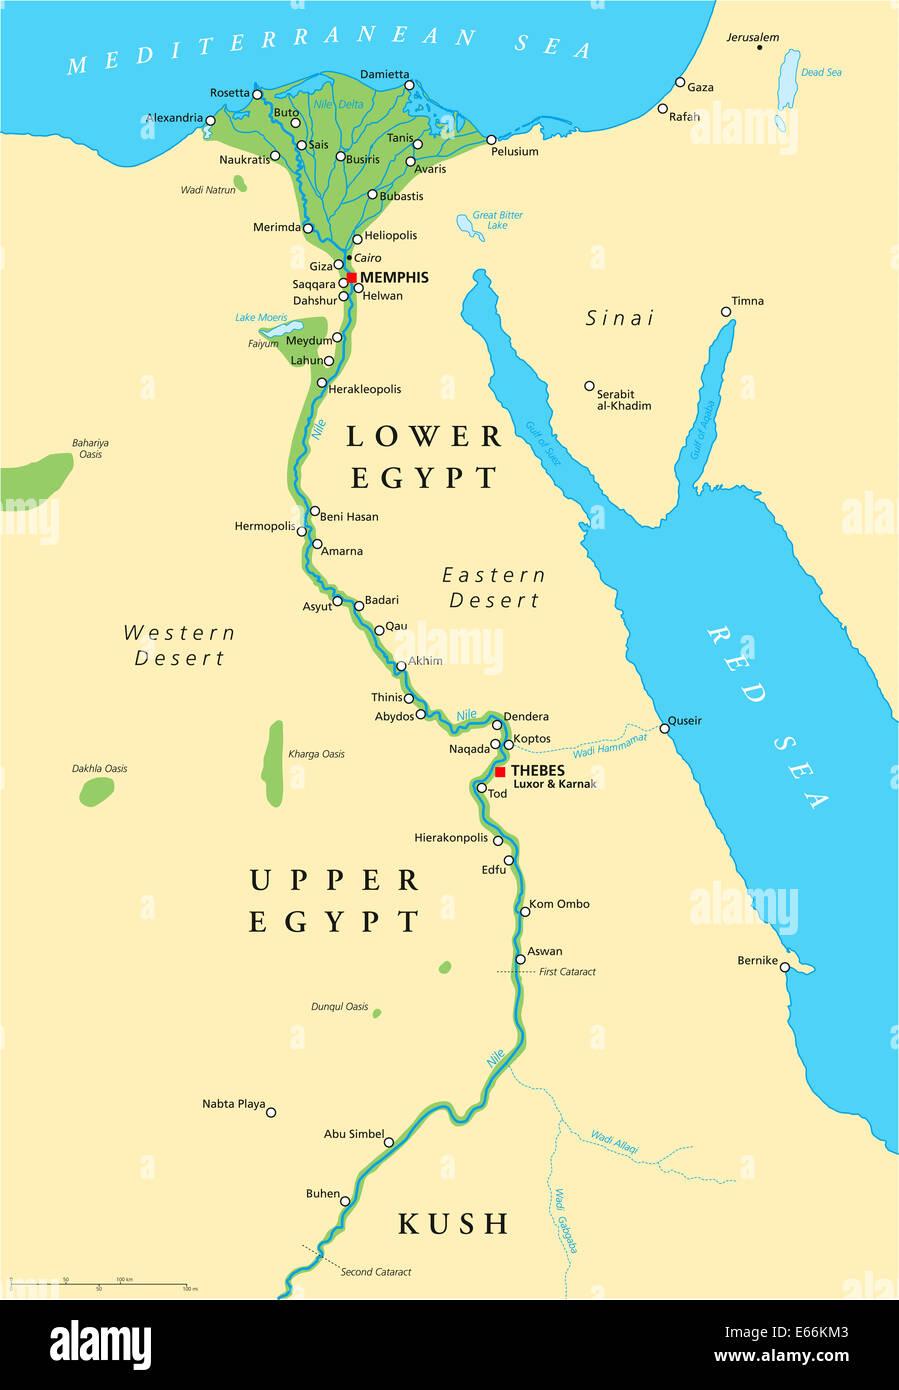 Cartina Turistica Egitto.Antico Egitto Mappa Mappa Storica Di Antico Egitto Con Le Piu Importanti Attrazioni Turistiche Con Laghi E Fiumi Etichetta Inglese Foto Stock Alamy